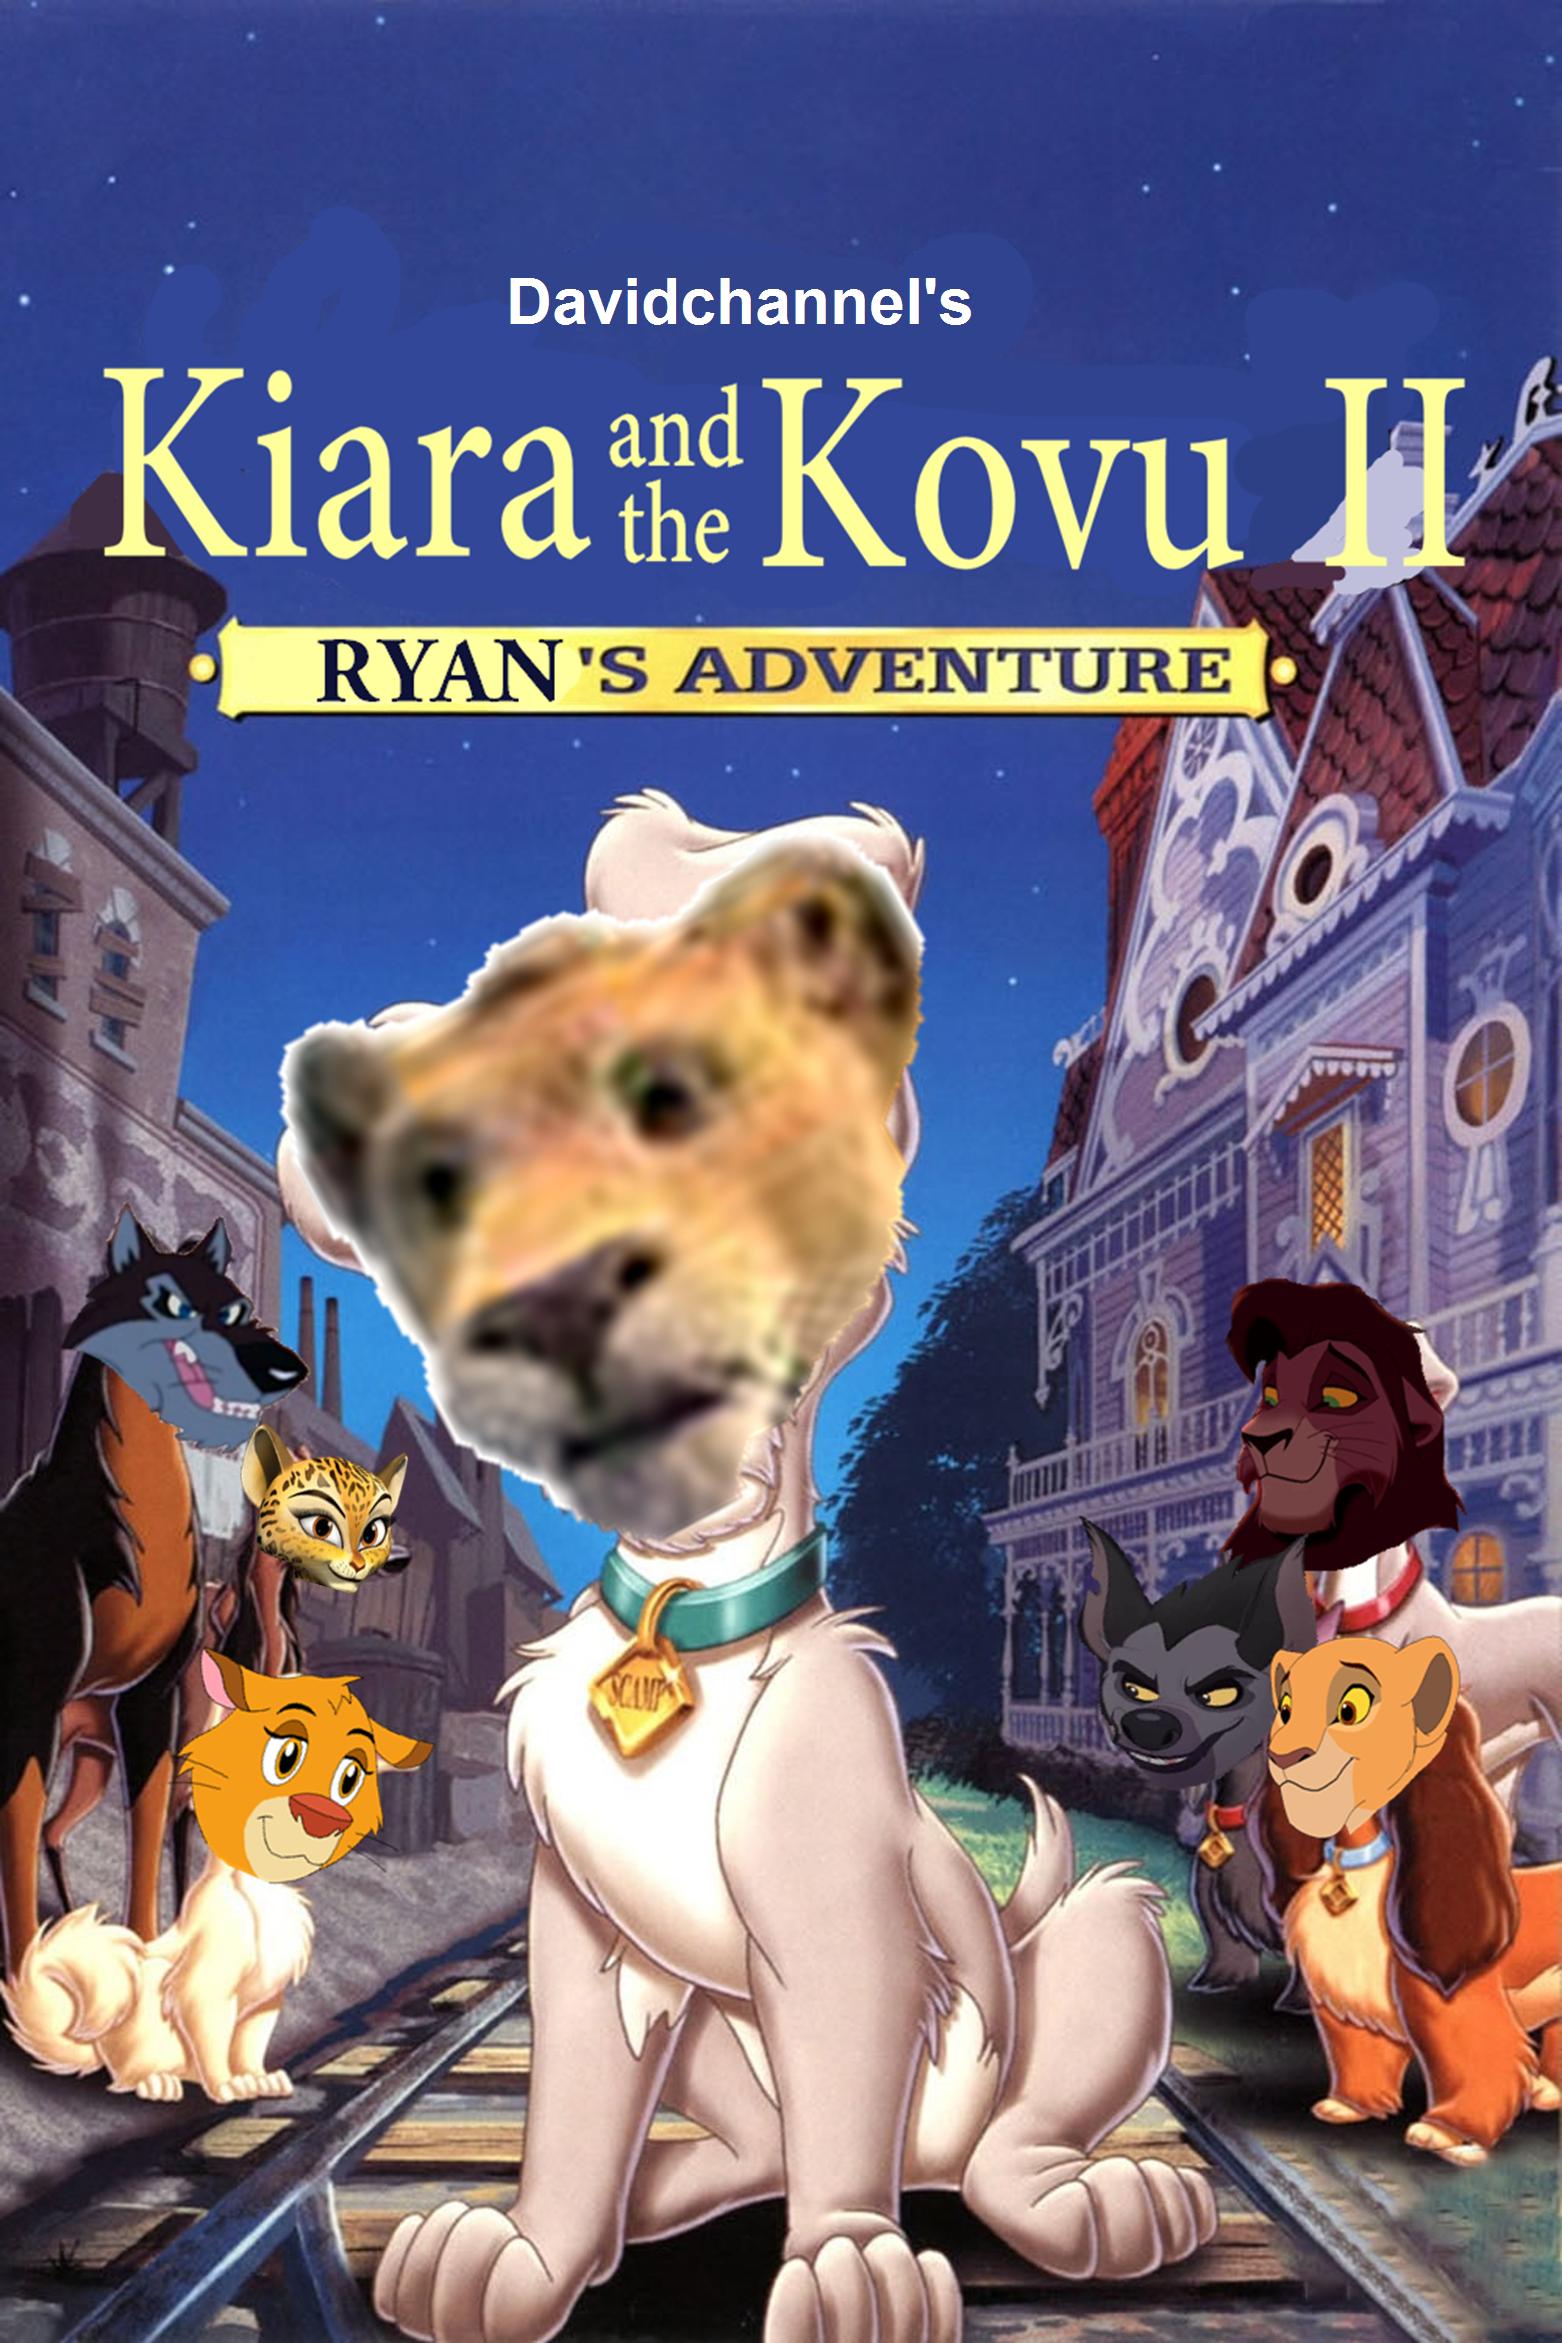 Kiara and the Kovu 2: Ryan's Adventure (2001)